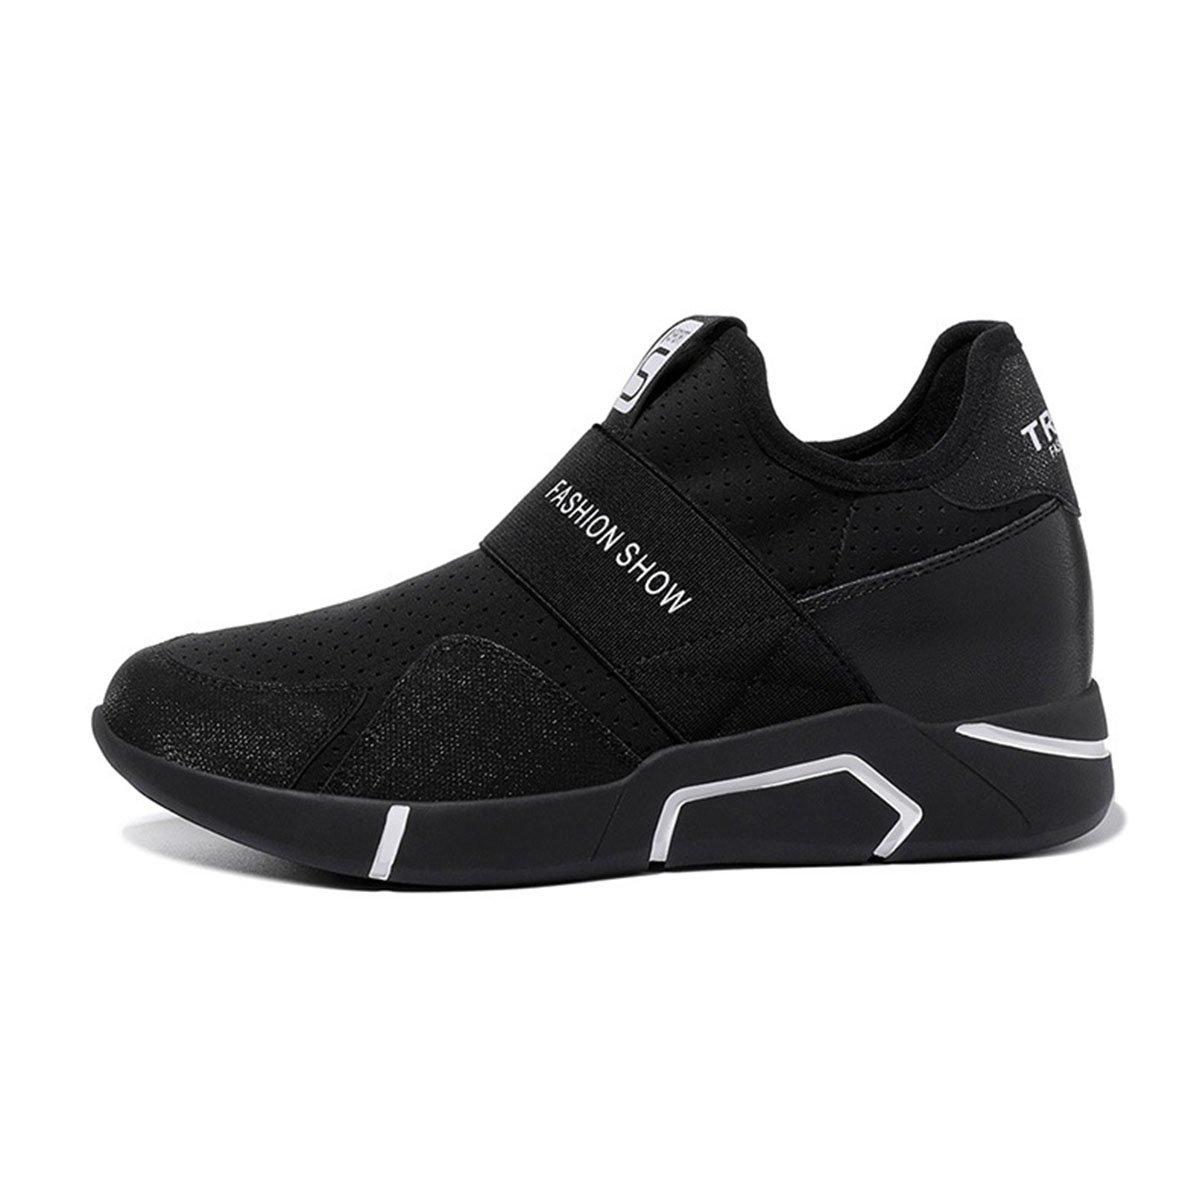 Zapatillas de Deporte para Mujeres Zapatillas de Deporte Ocasionales Primavera y Verano Otoño de 2018 Zapatos Deportivos de Primavera (Color : Negro, Tamaño : 38) 38|Negro